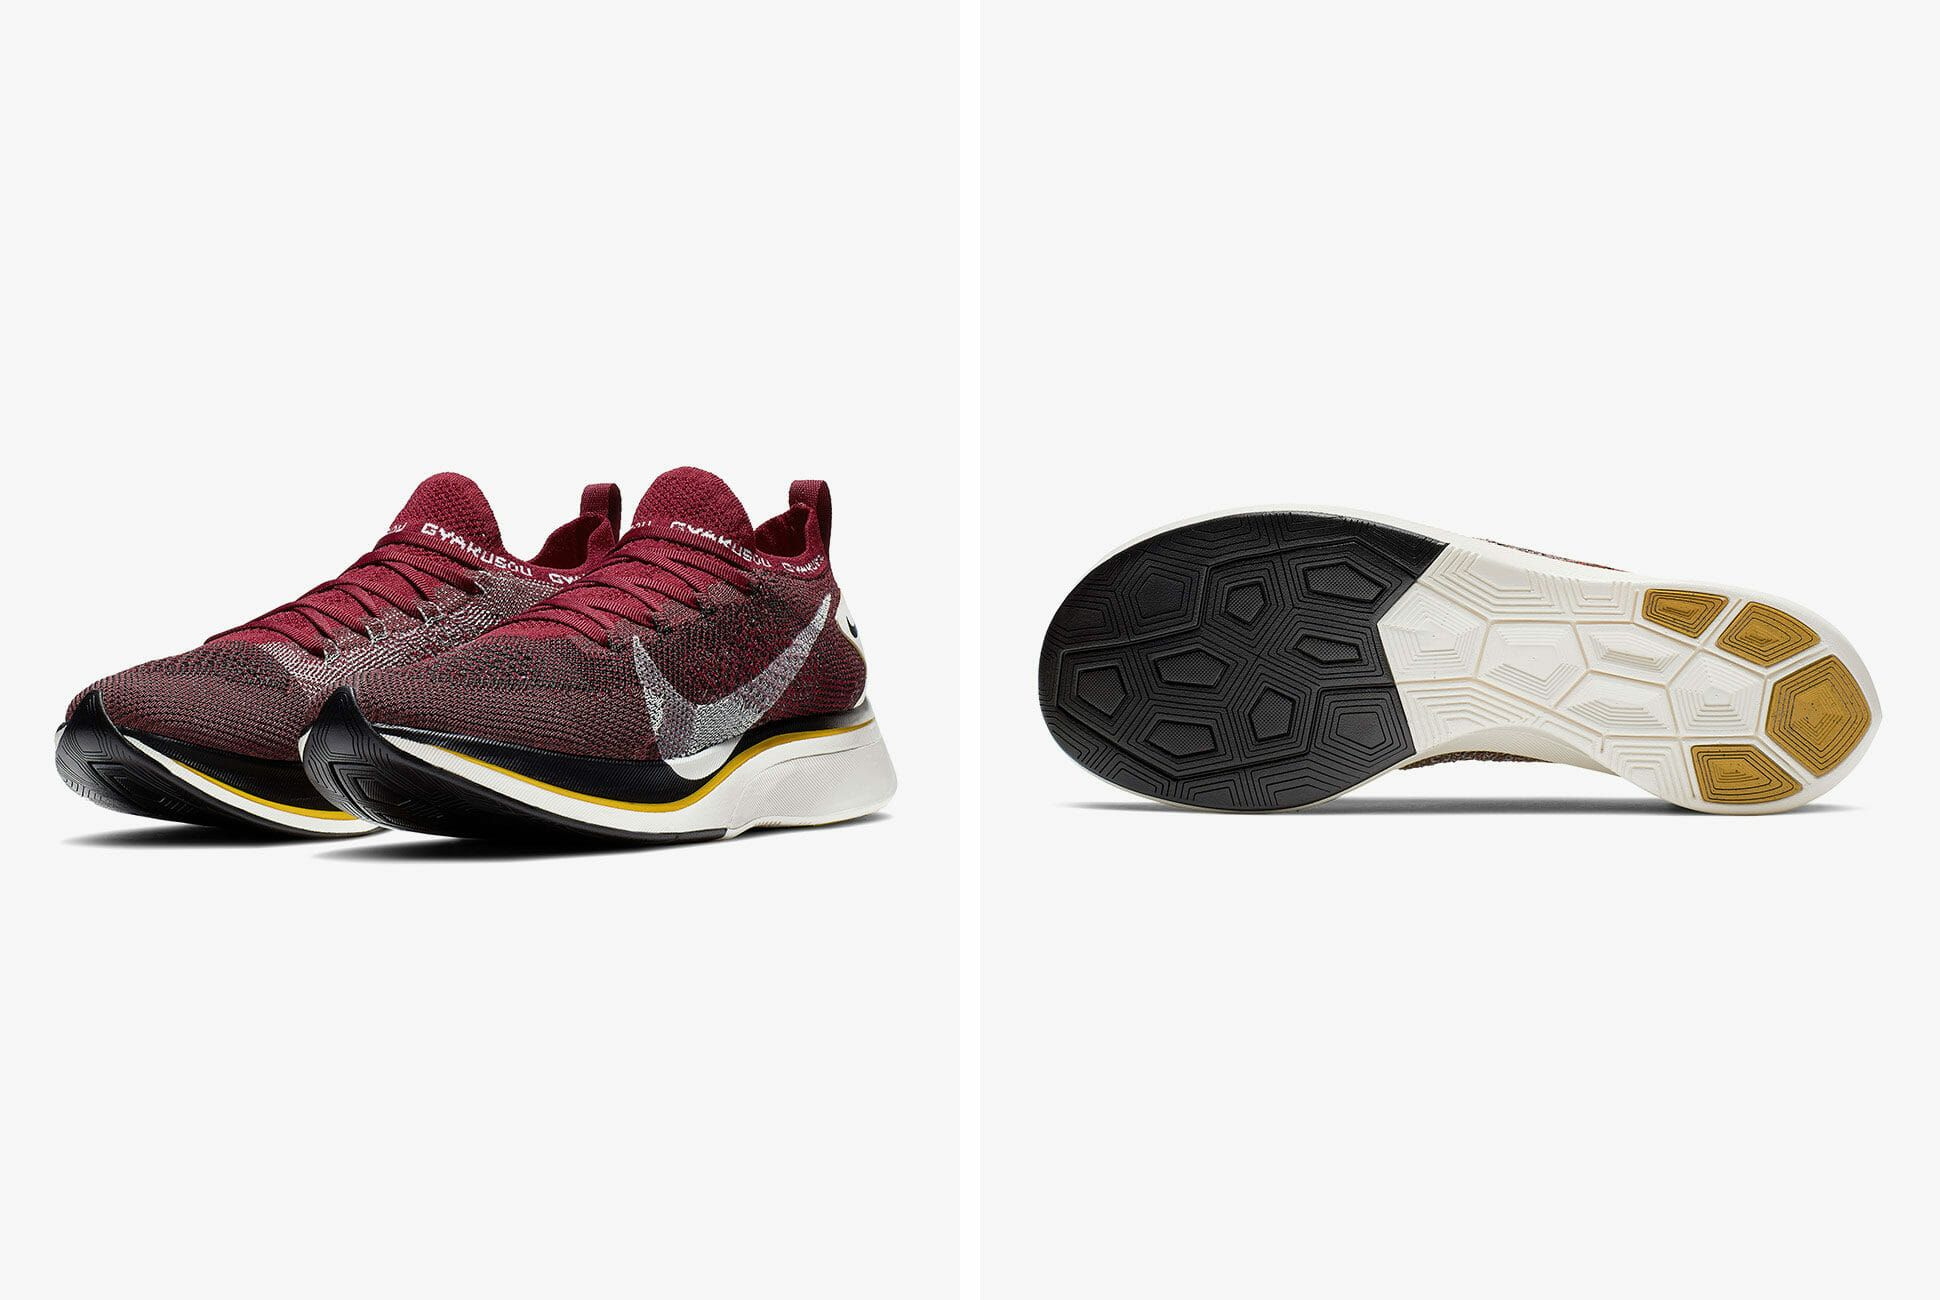 Nike-Gyakusou-Collection-gear-patrol-slide-4